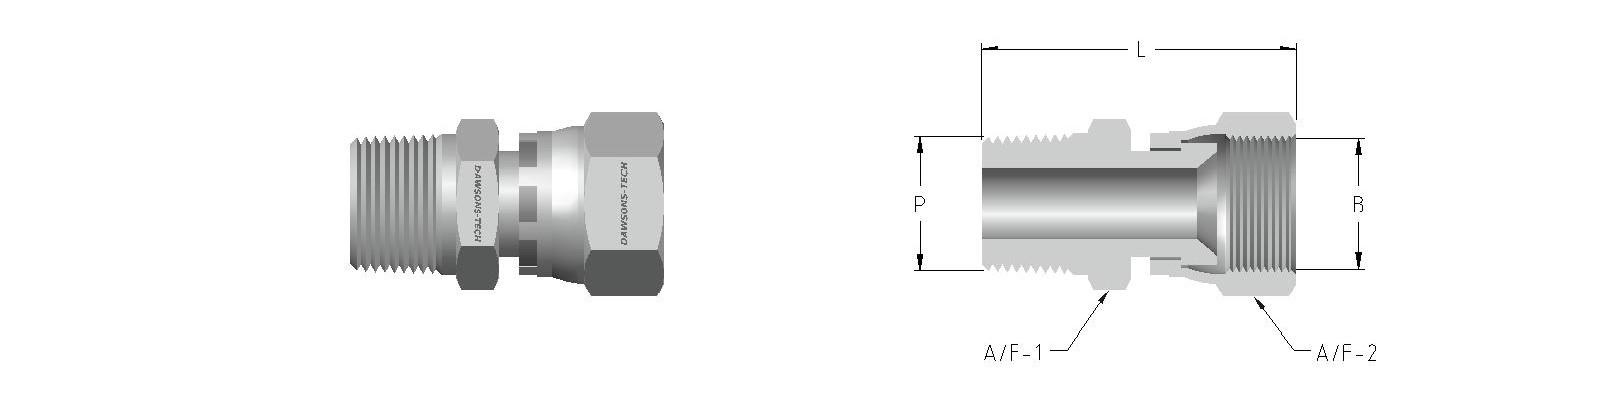 11 Swivel Male Connector (Male NPT Thread to Swivel Nut)